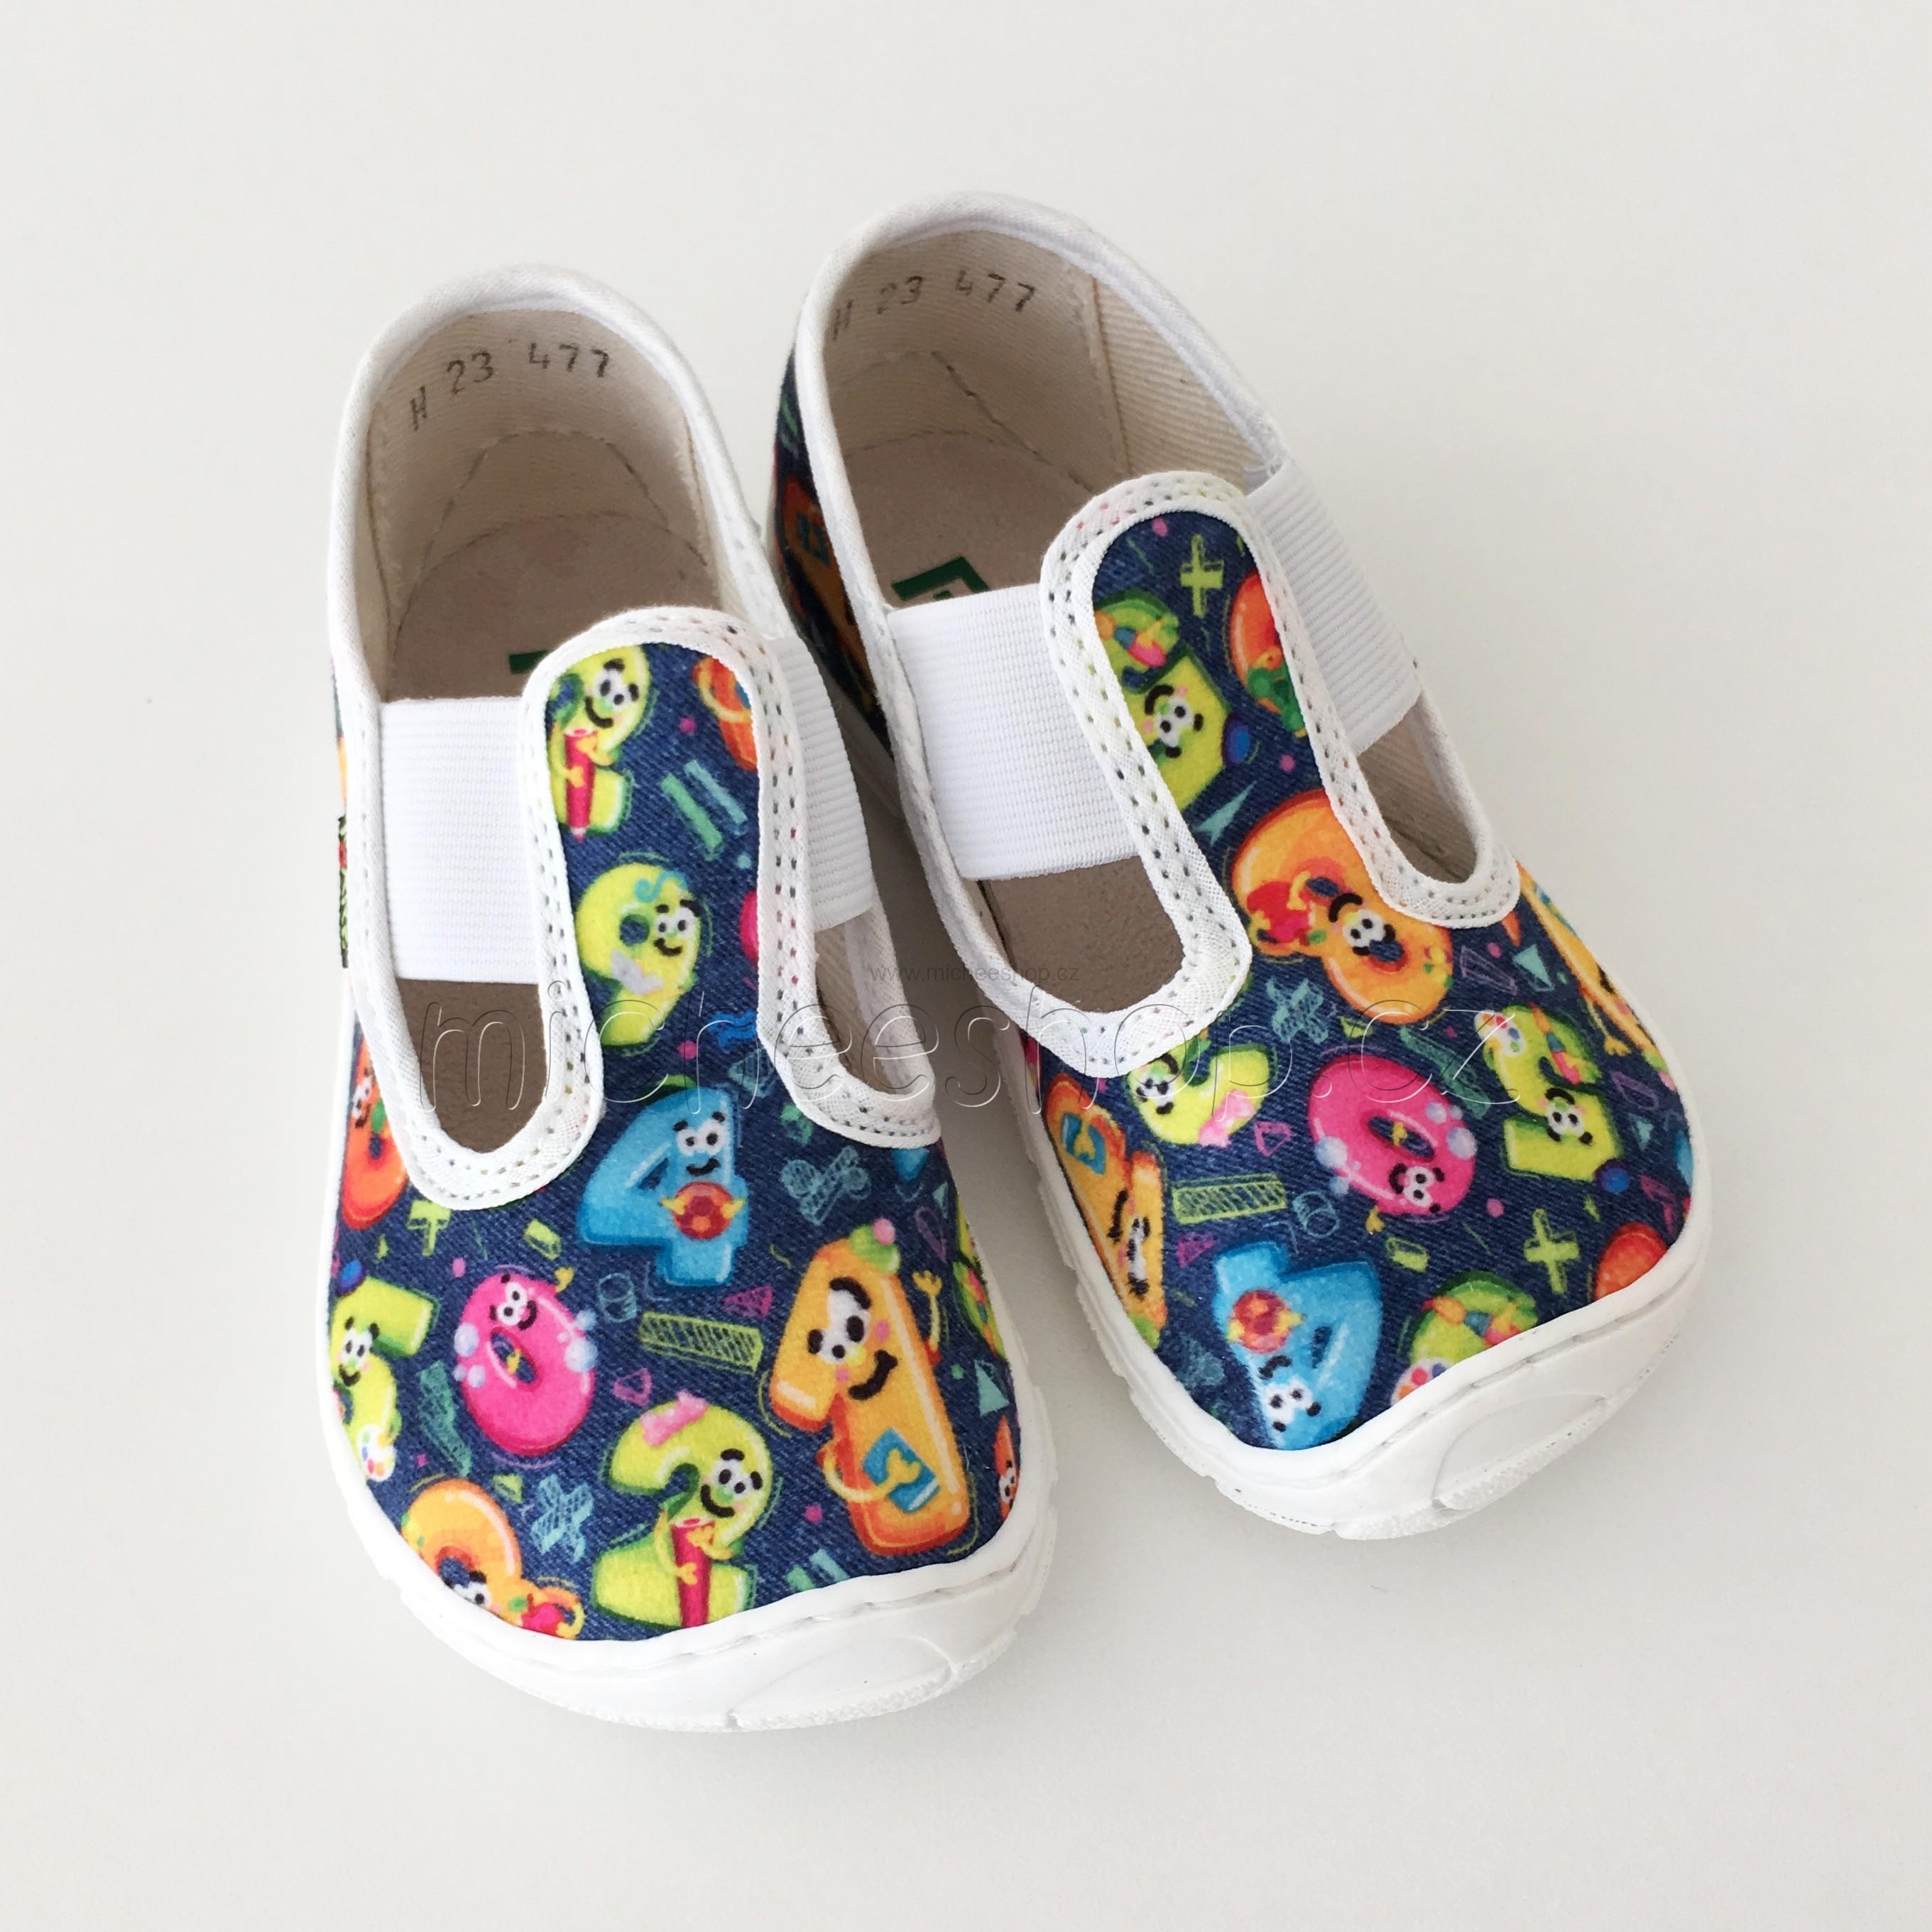 107ae6a89 Textilní obuv | Fare Bare dětské papuče na gumičku modrá ...